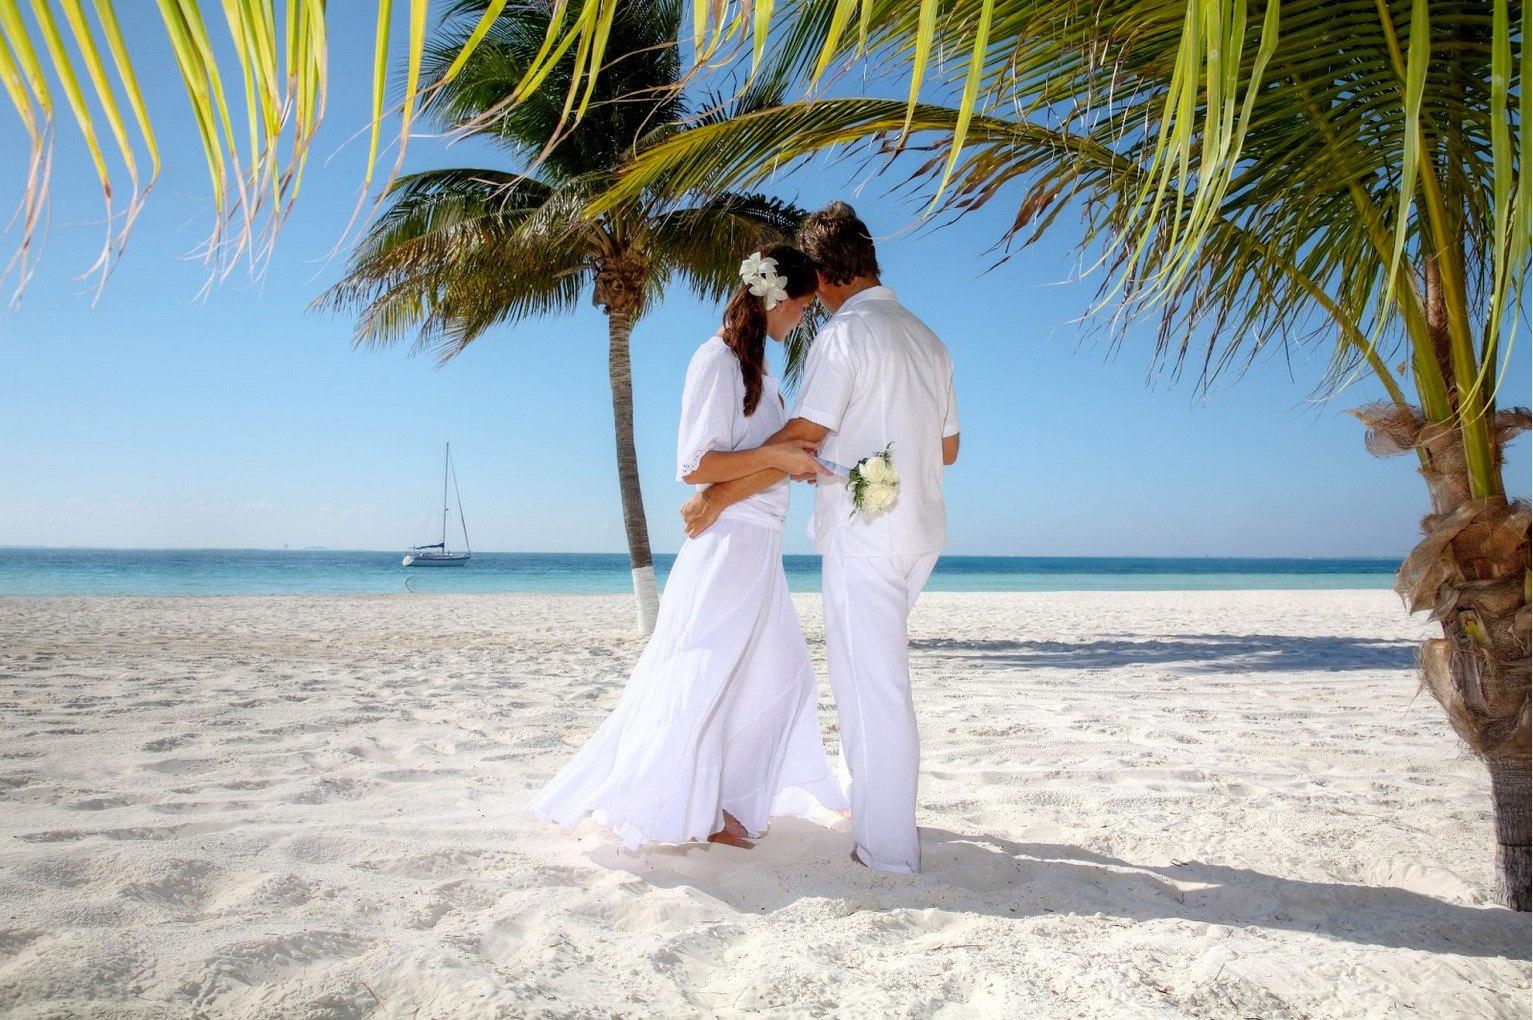 XNbyoR2AS1Q - Свадьба на пляже: некоторые нюансы в организации (35 фото)